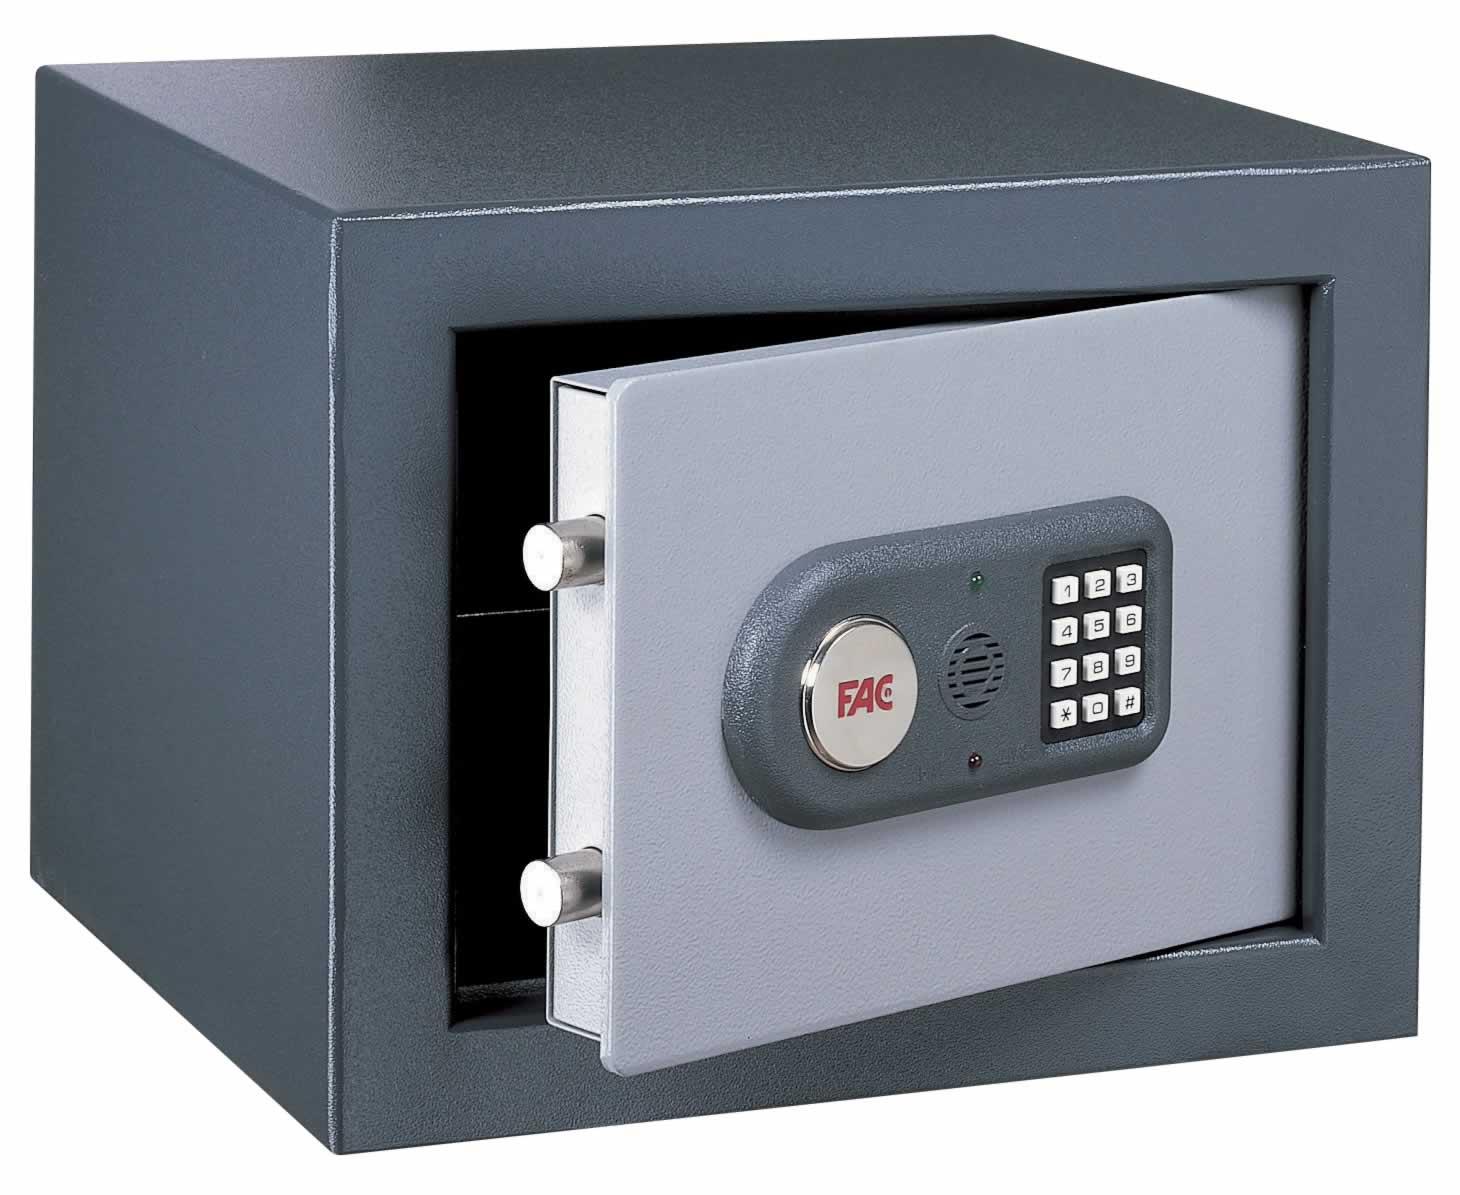 Ventajas de instalar una caja fuerte en tu hogar